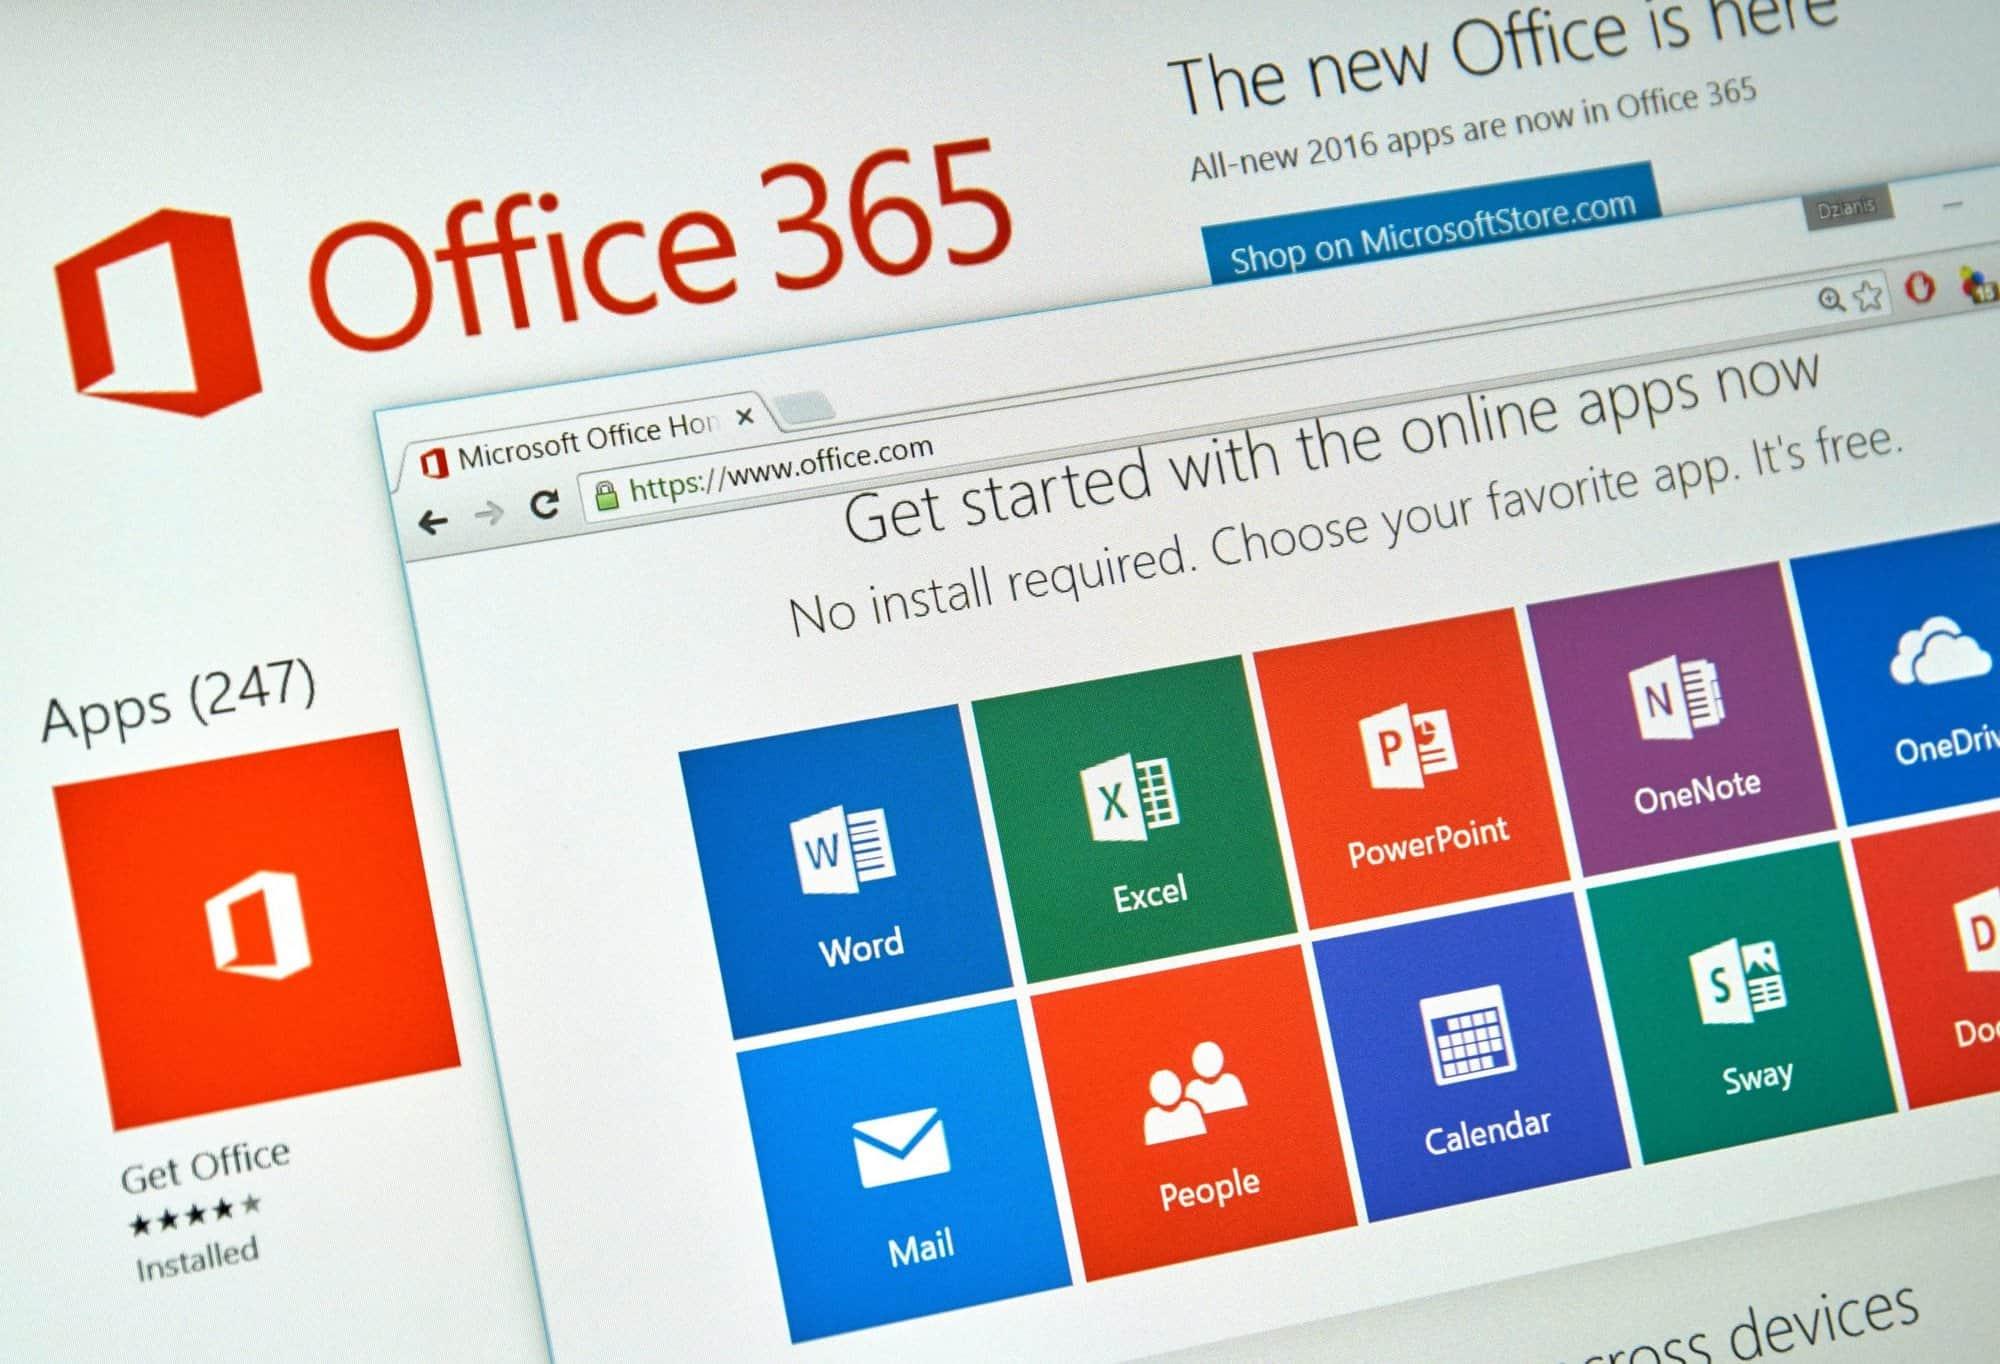 Microsoft expande limite de upload no Teams, OneDrive e mais aplicações - Olhar Digital